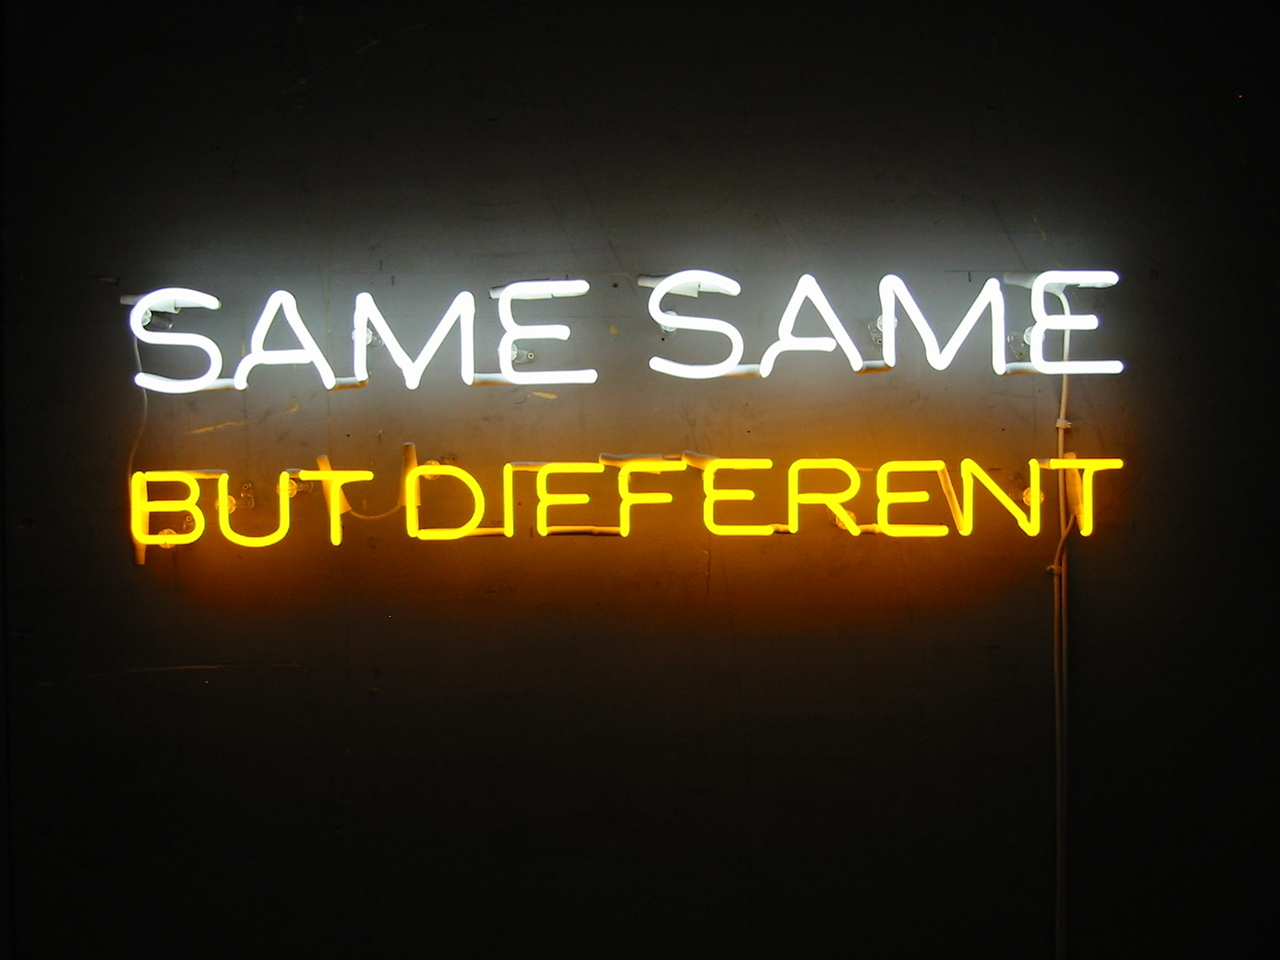 Kuvassa valokirjaimilla teksti: Same same but different.